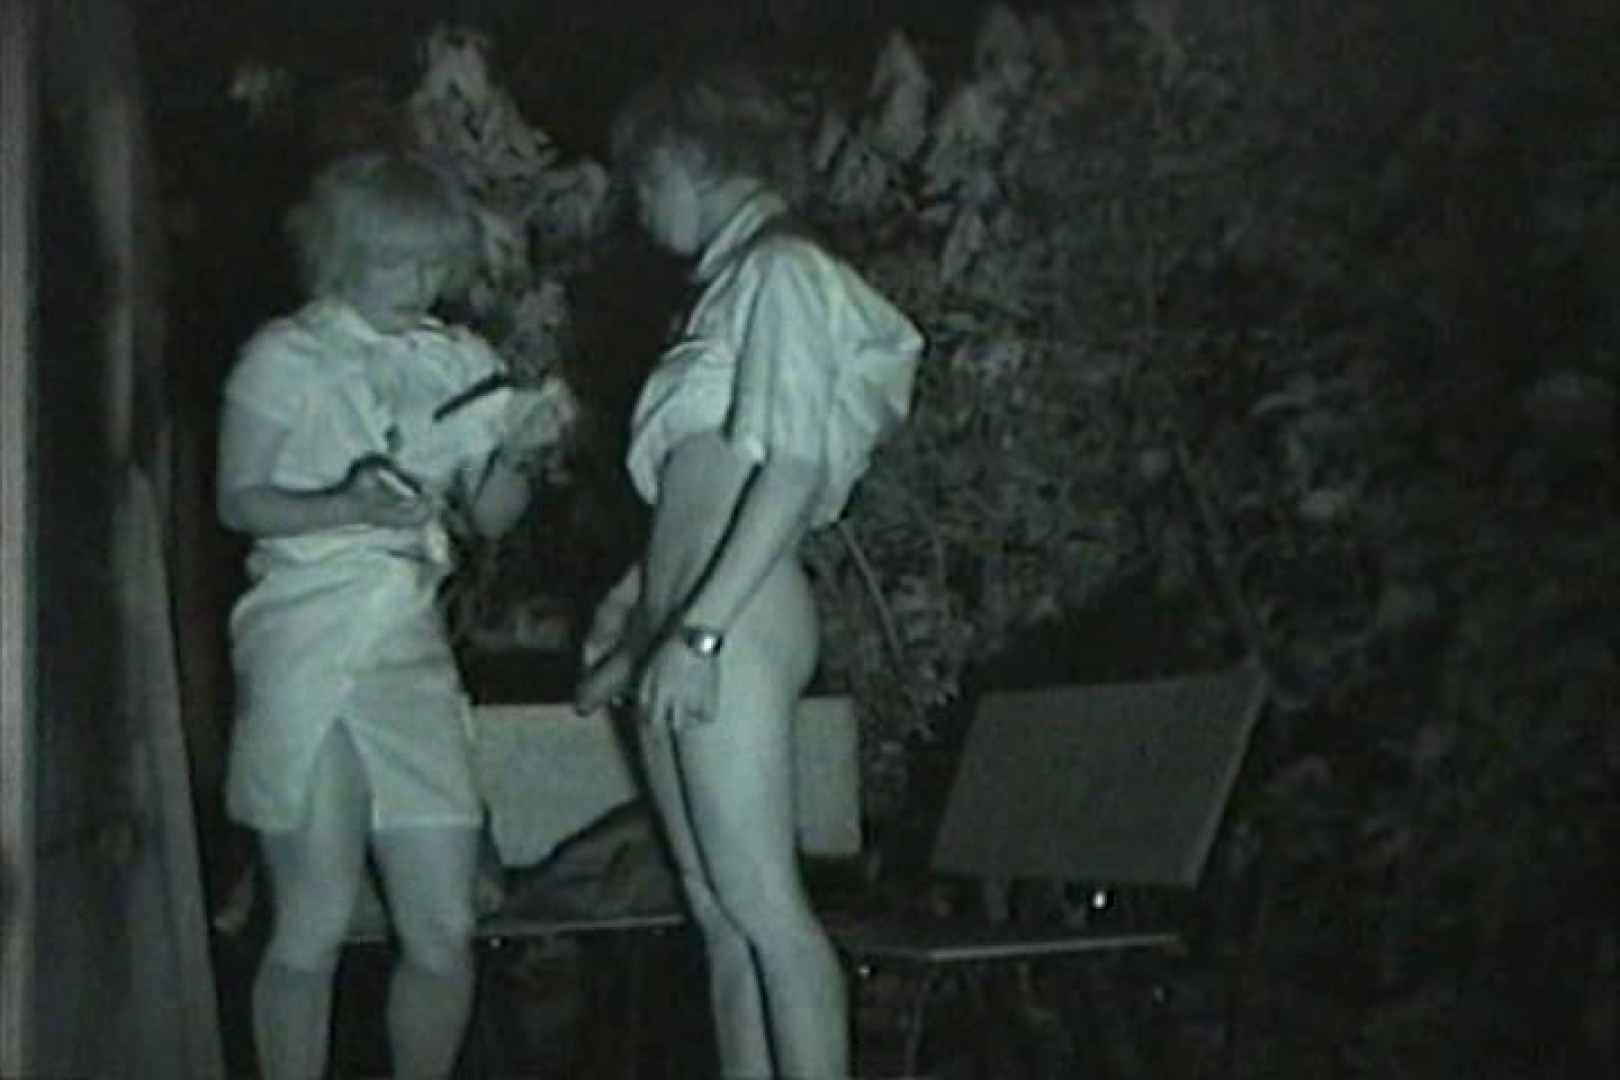 闇の仕掛け人 無修正版 Vol.24 美しいOLの裸体 | セックス  101pic 86